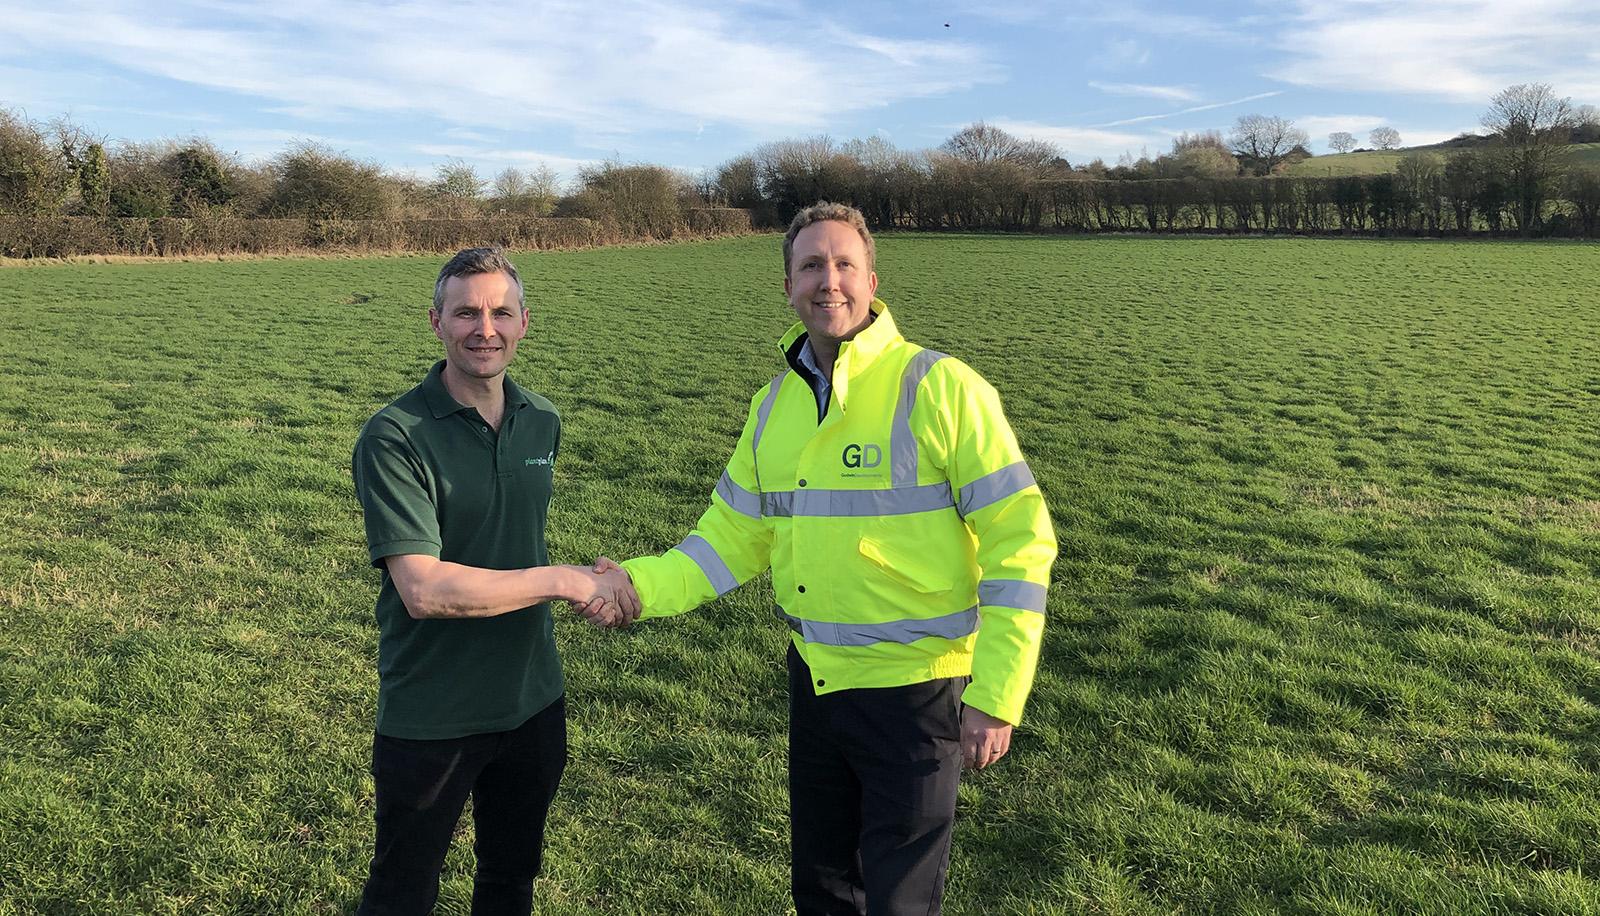 Stuart Pratt and Mark Webster on site at Ashby Road